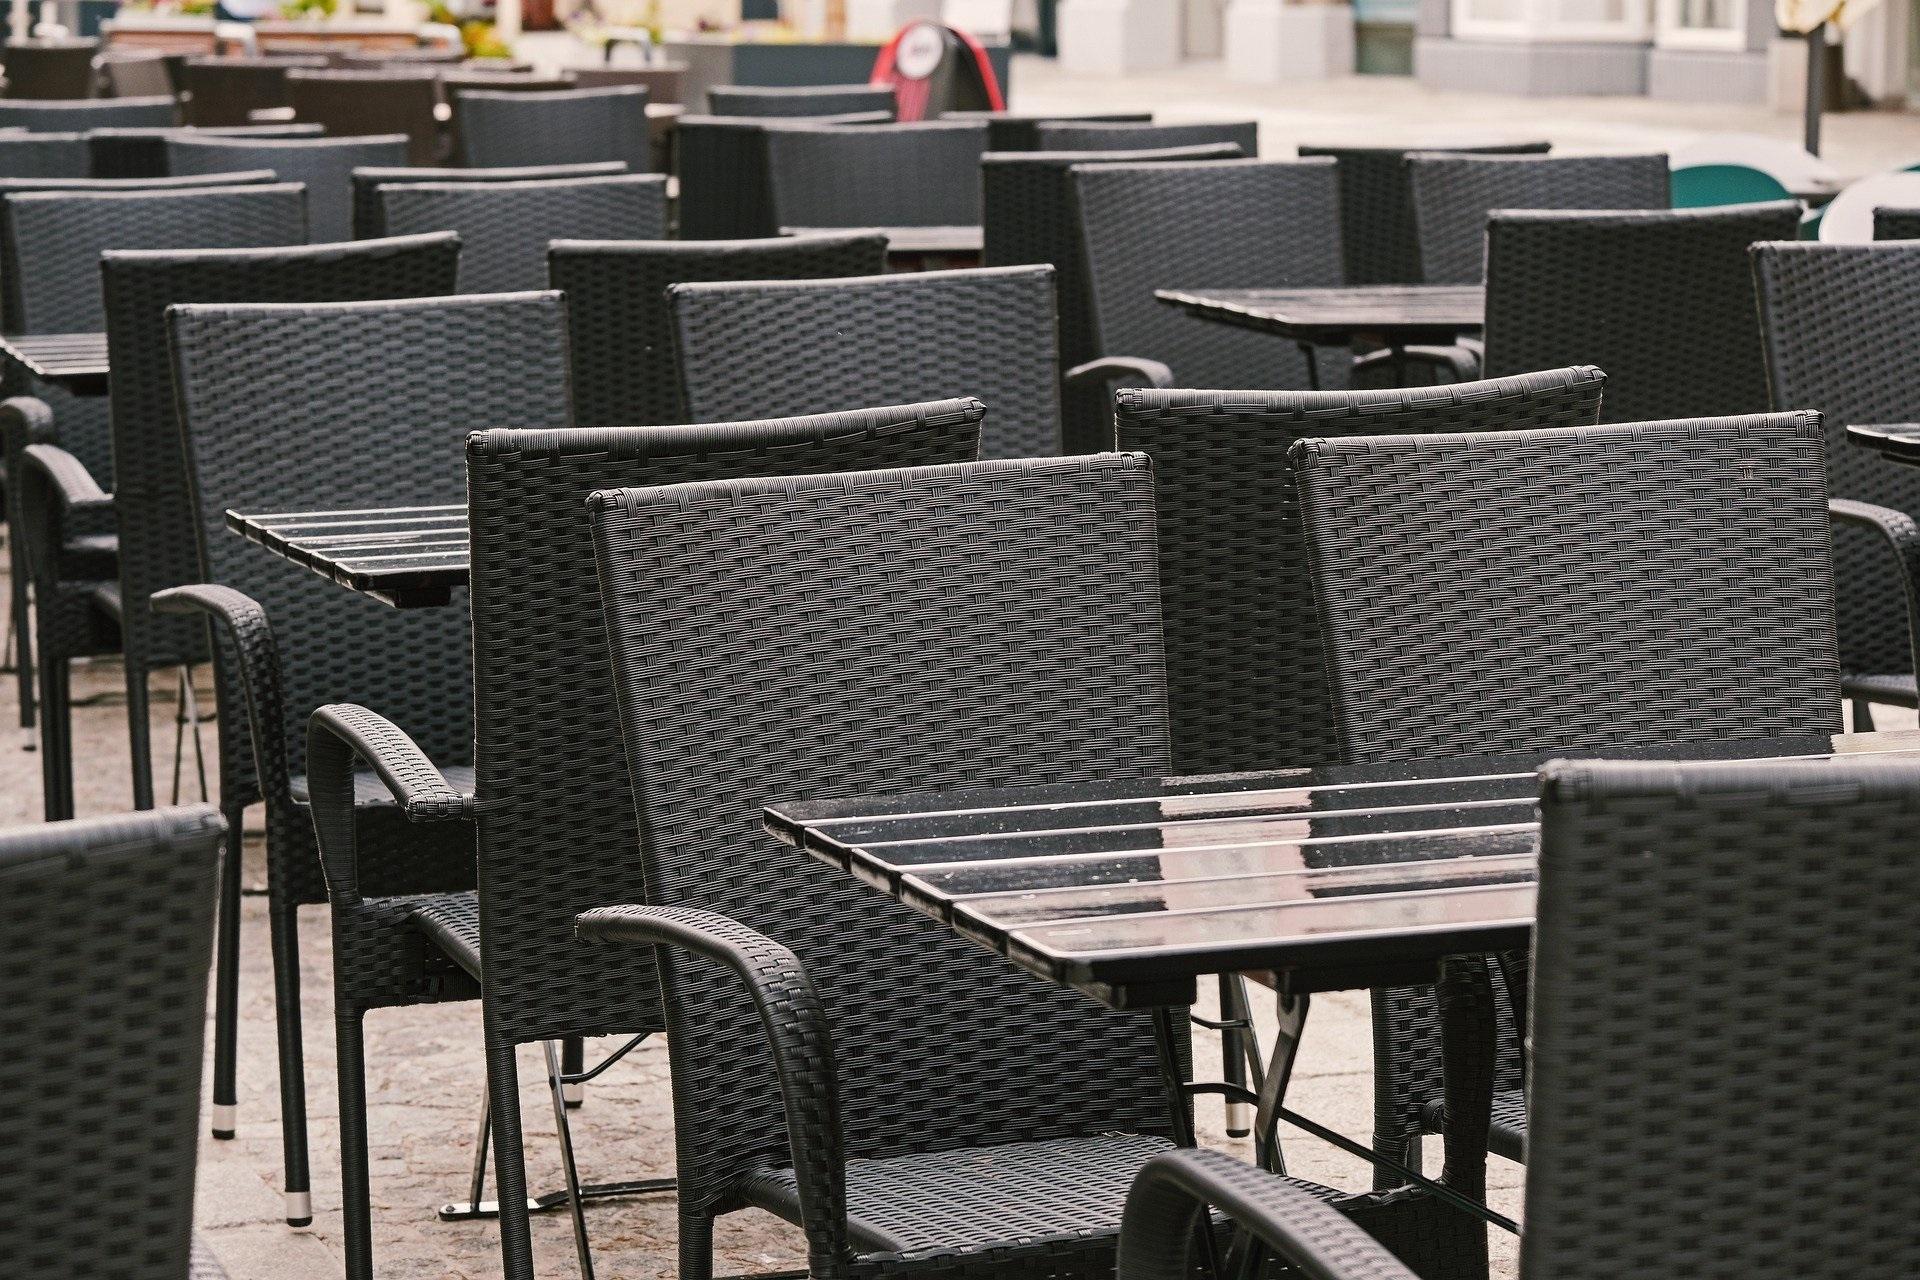 Gastronomie kein Gewerbe II. Klasse!